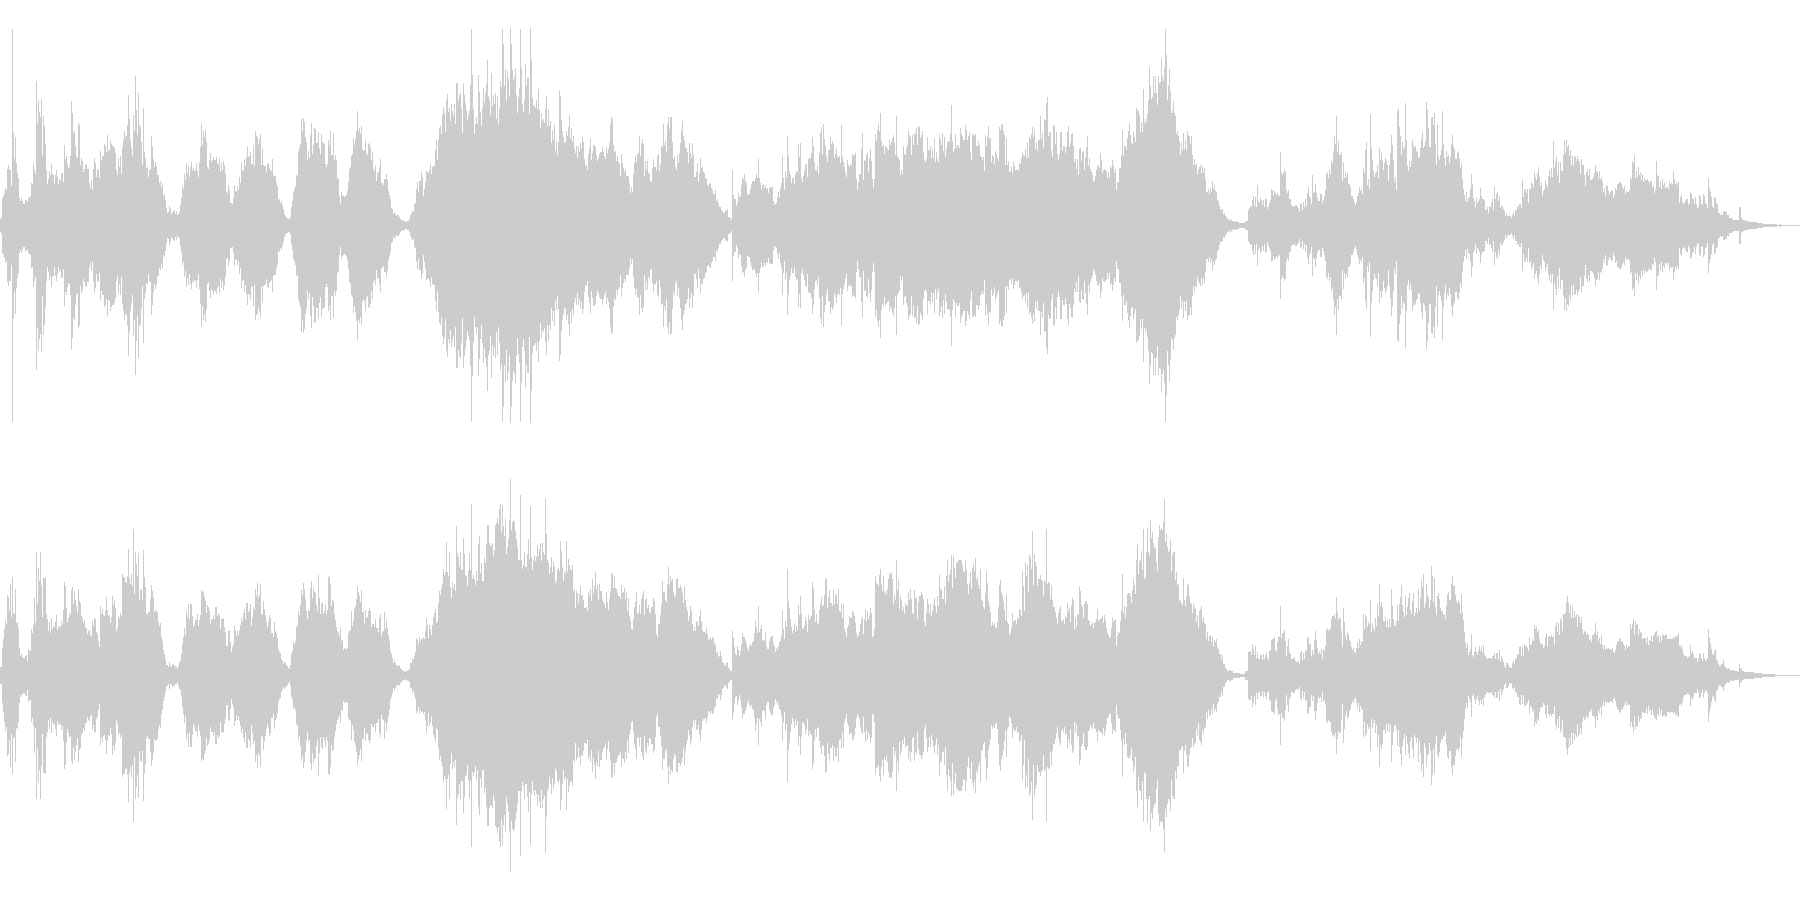 ドビュッシー「アラベスク」絃楽アレンジの未再生の波形